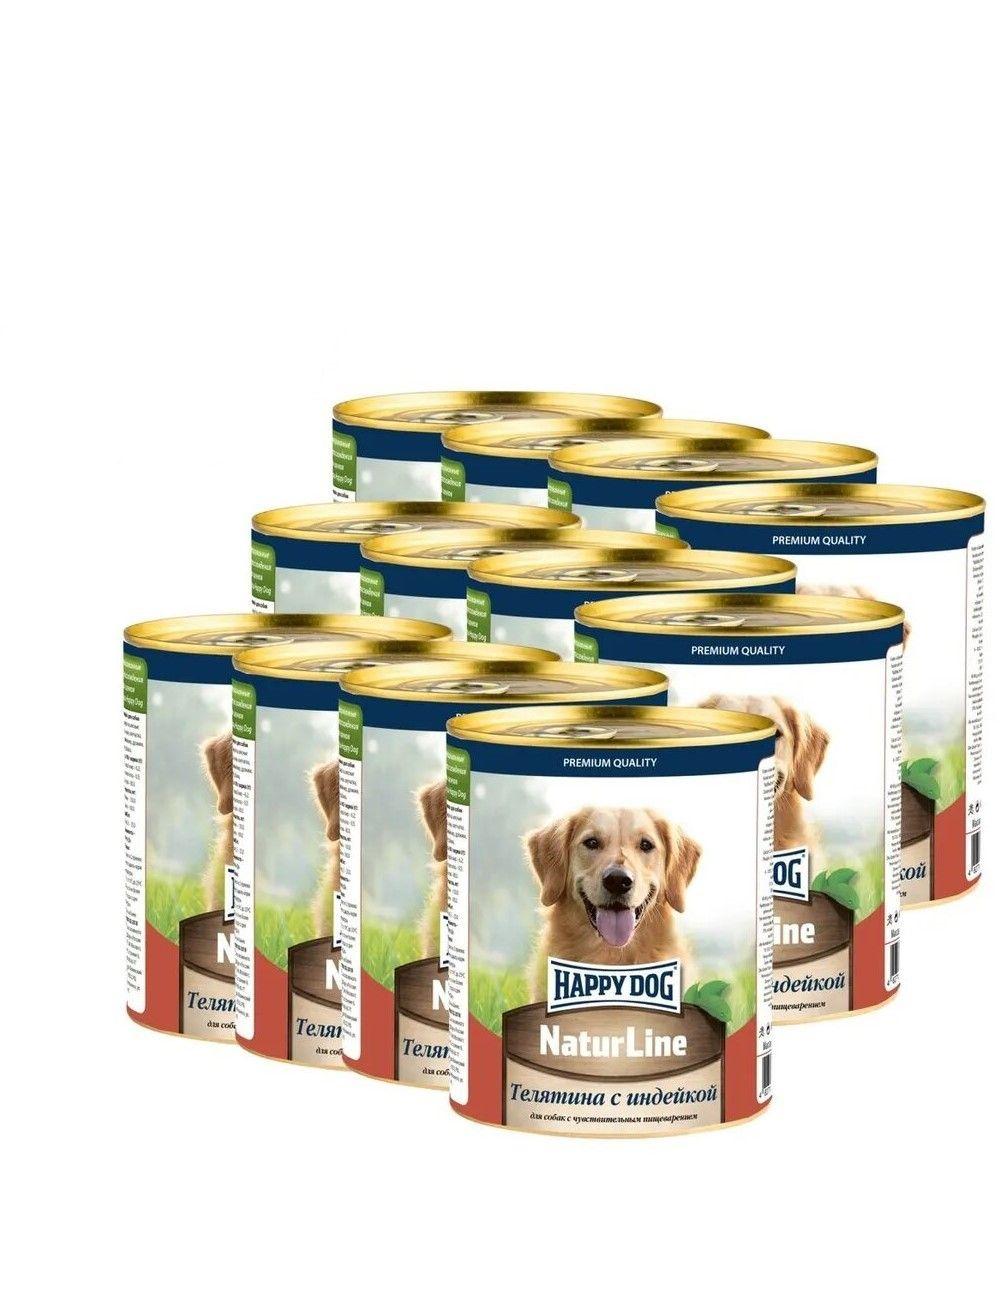 Фотография Влажный корм для собак Happy Dog Natur Line, телятина, индейка, 12шт, 970г №1